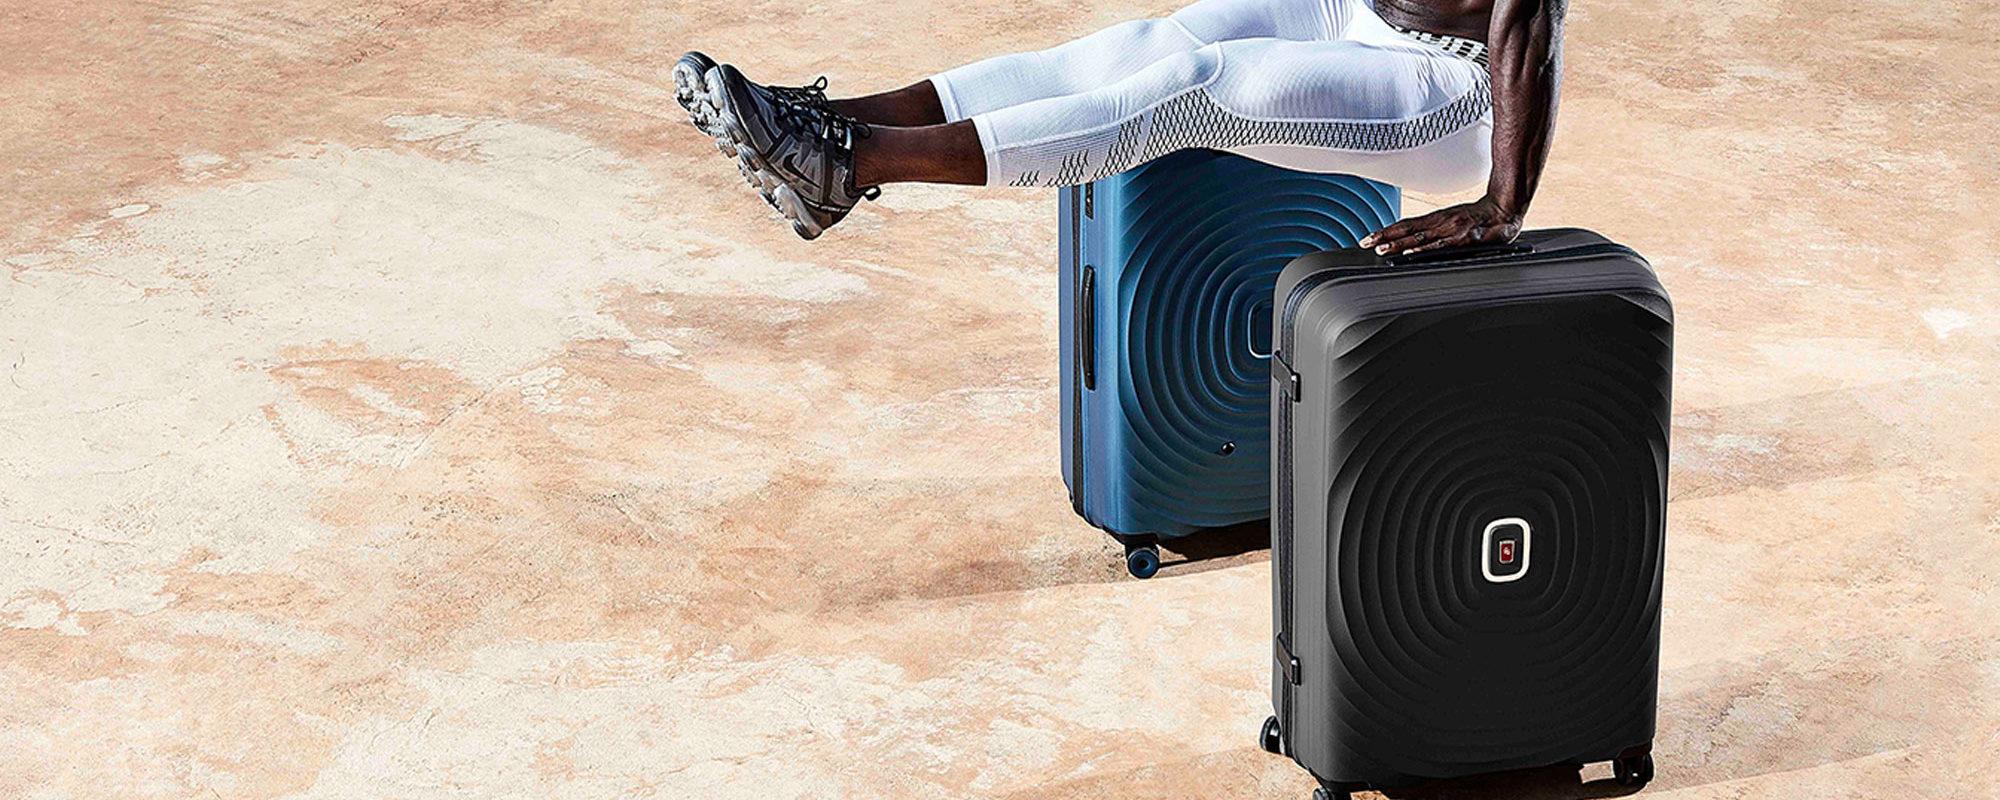 maleta de viaje ocean gladiator